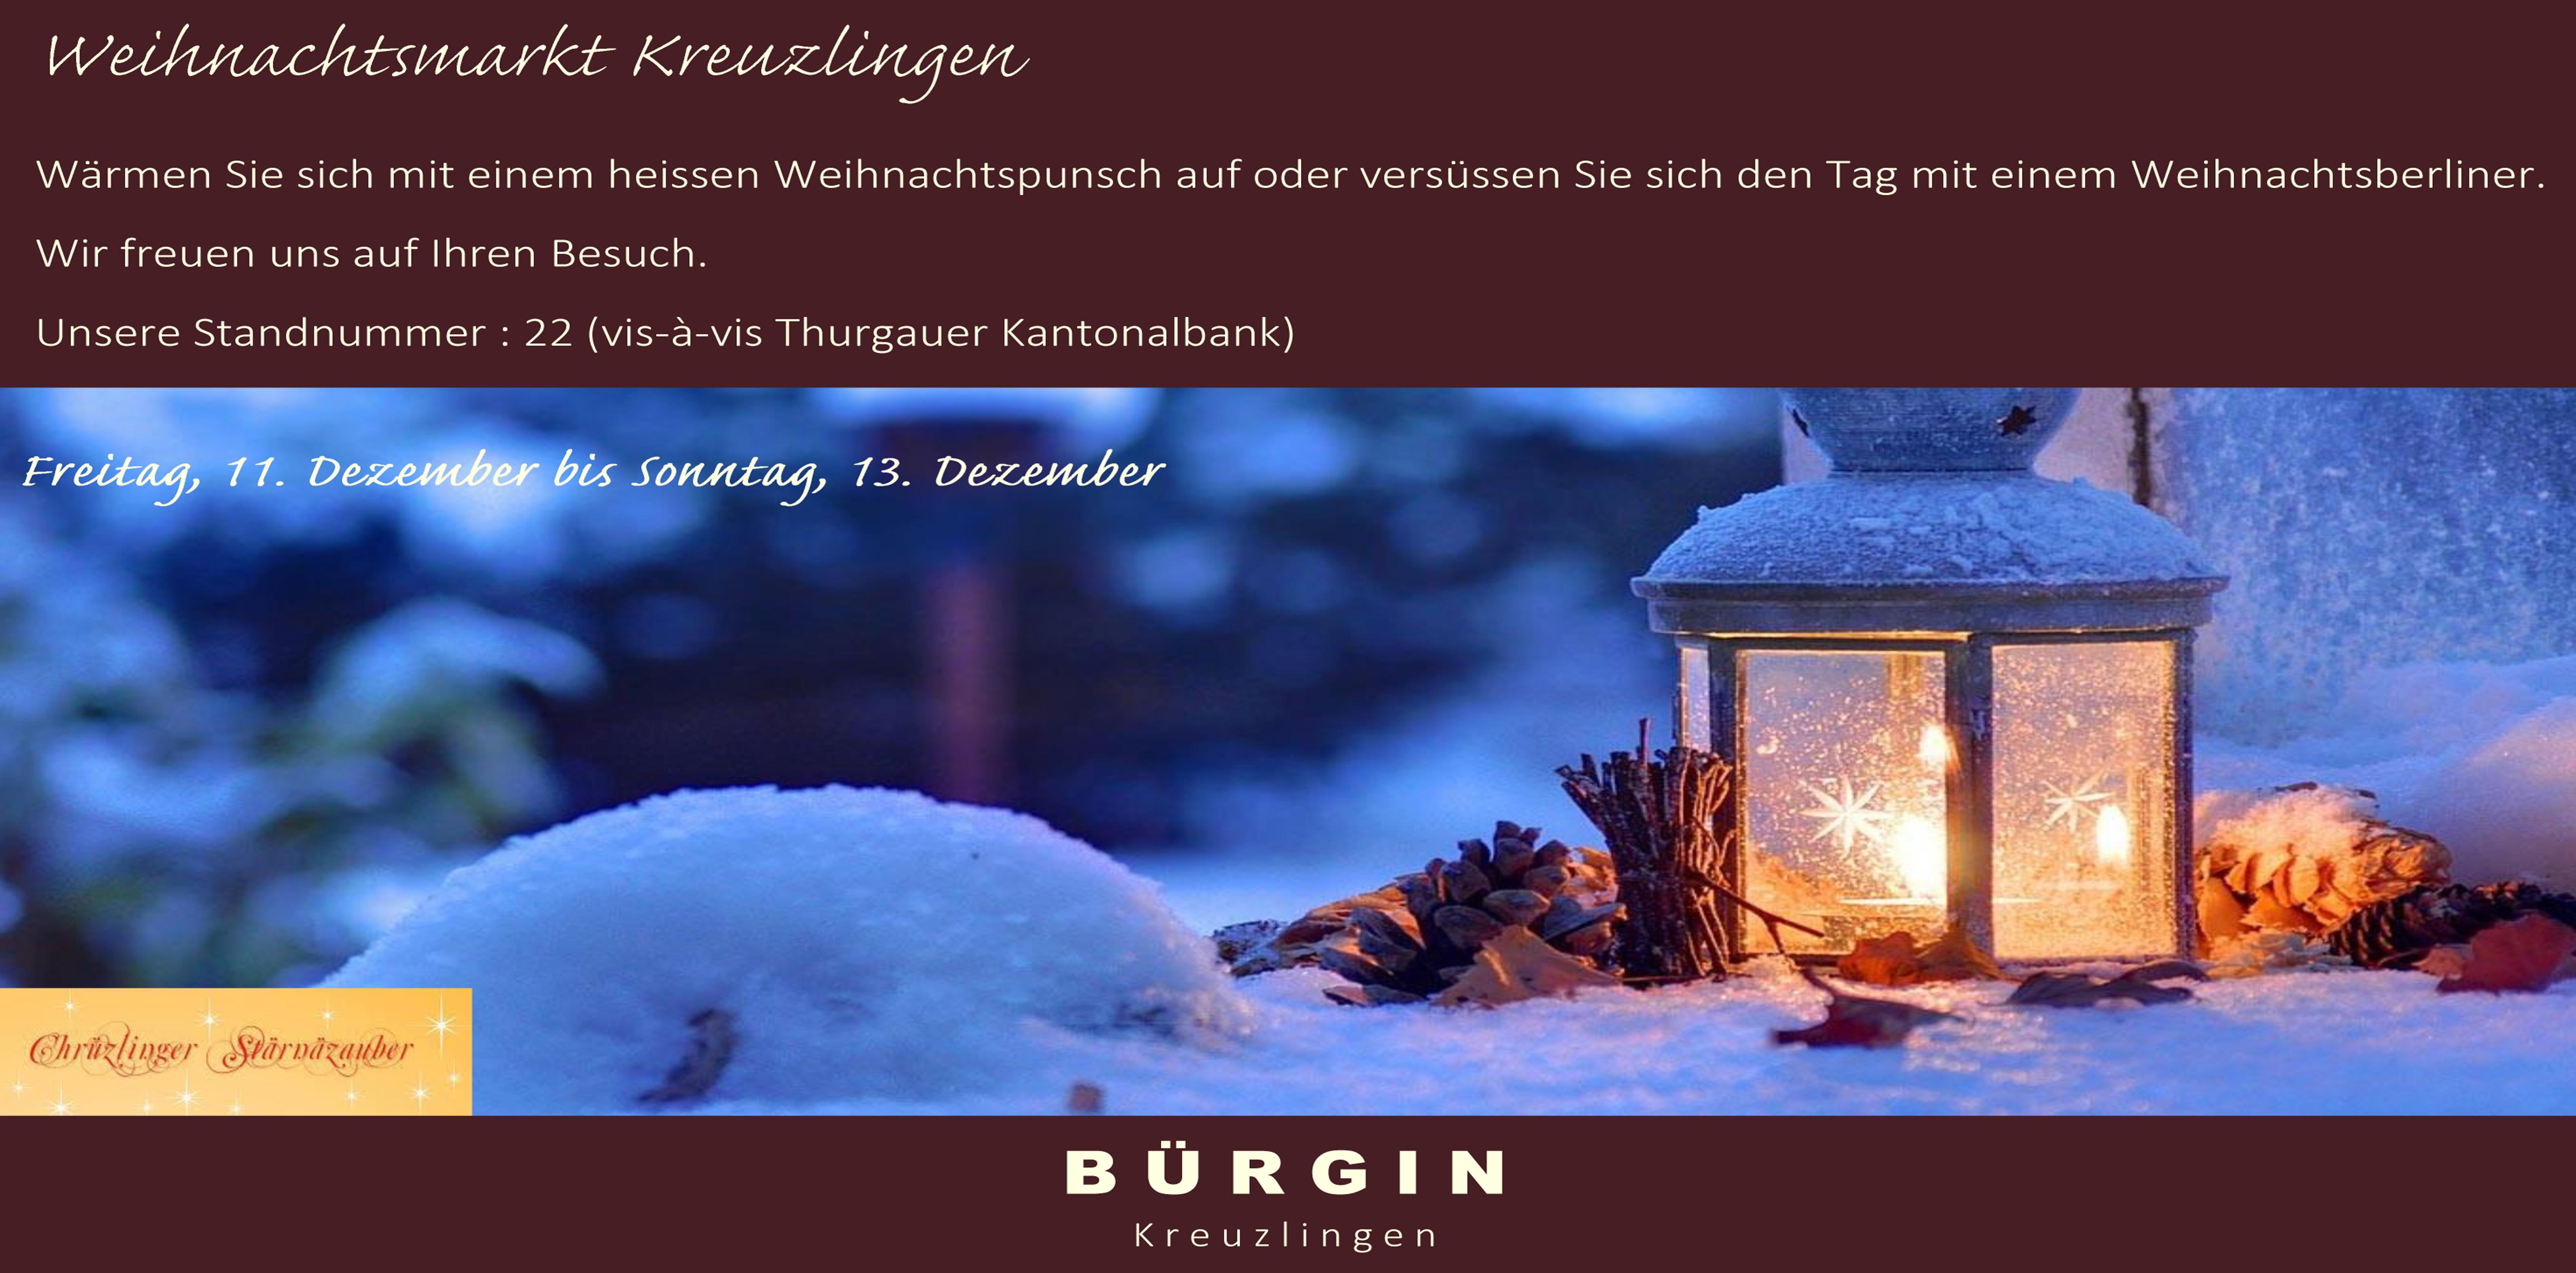 Buergin_Weihnachtsmarkt_Kreuzlingen_Staernaezauber